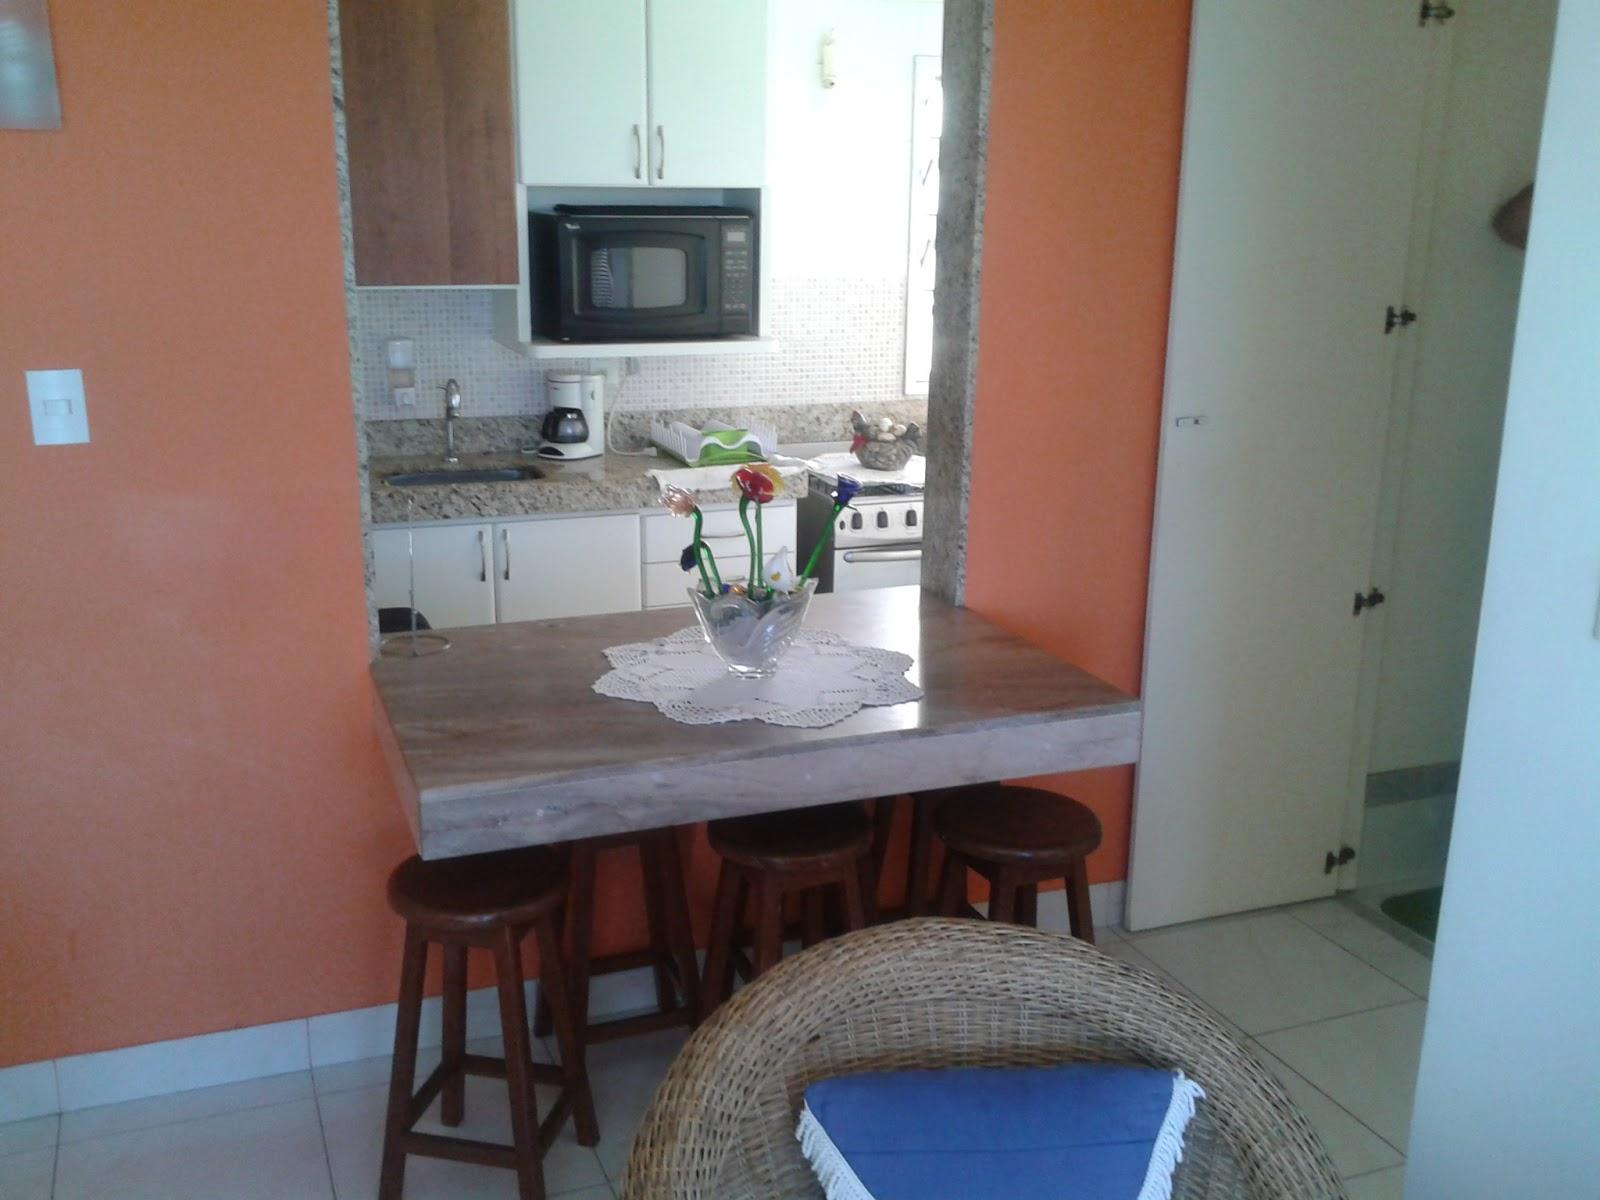 #304C7F COPA ACOPLADA COM COZINHA 1600x1200 px Banquetas Para Cozinha Americana Ponto Frio_2851 Imagens